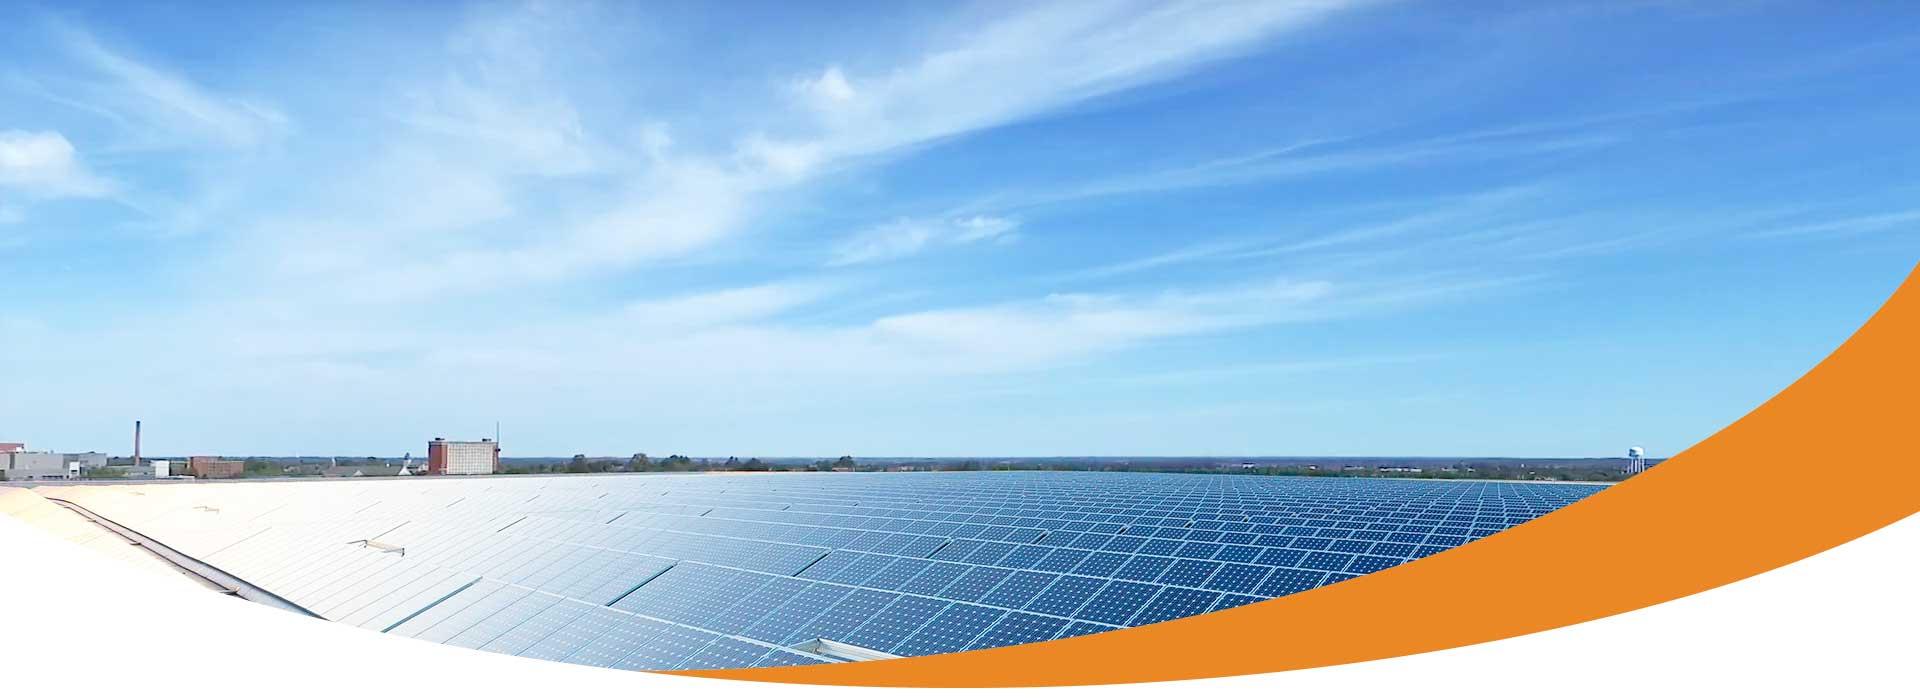 分布式光伏发电 | 构建能源新生态